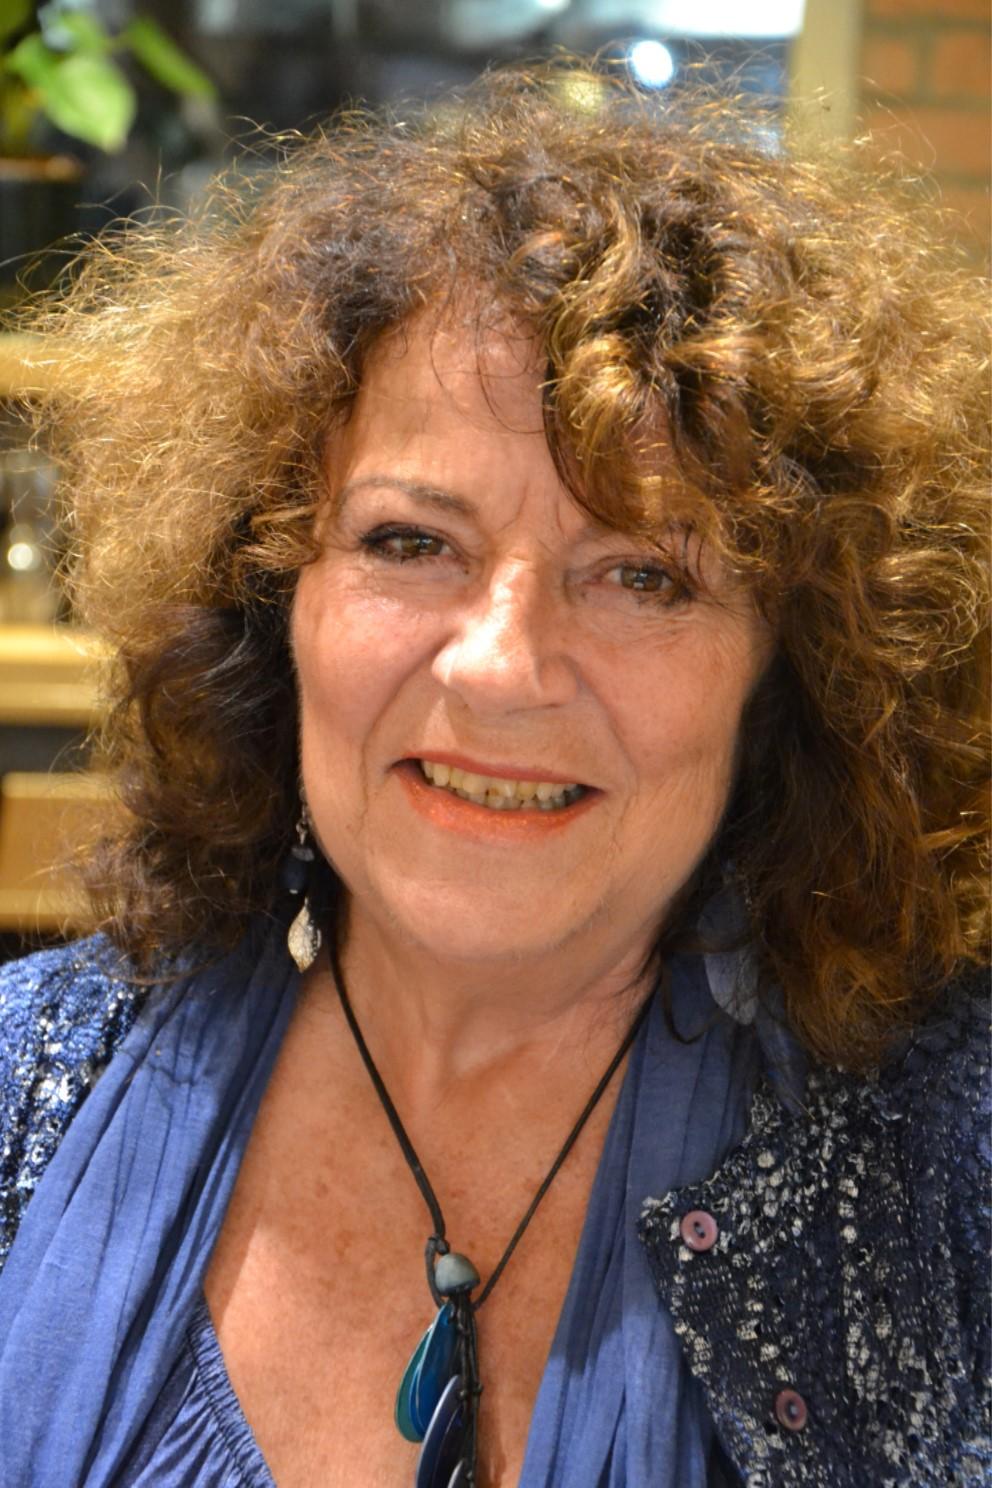 Marie-Stéphane Vaugien